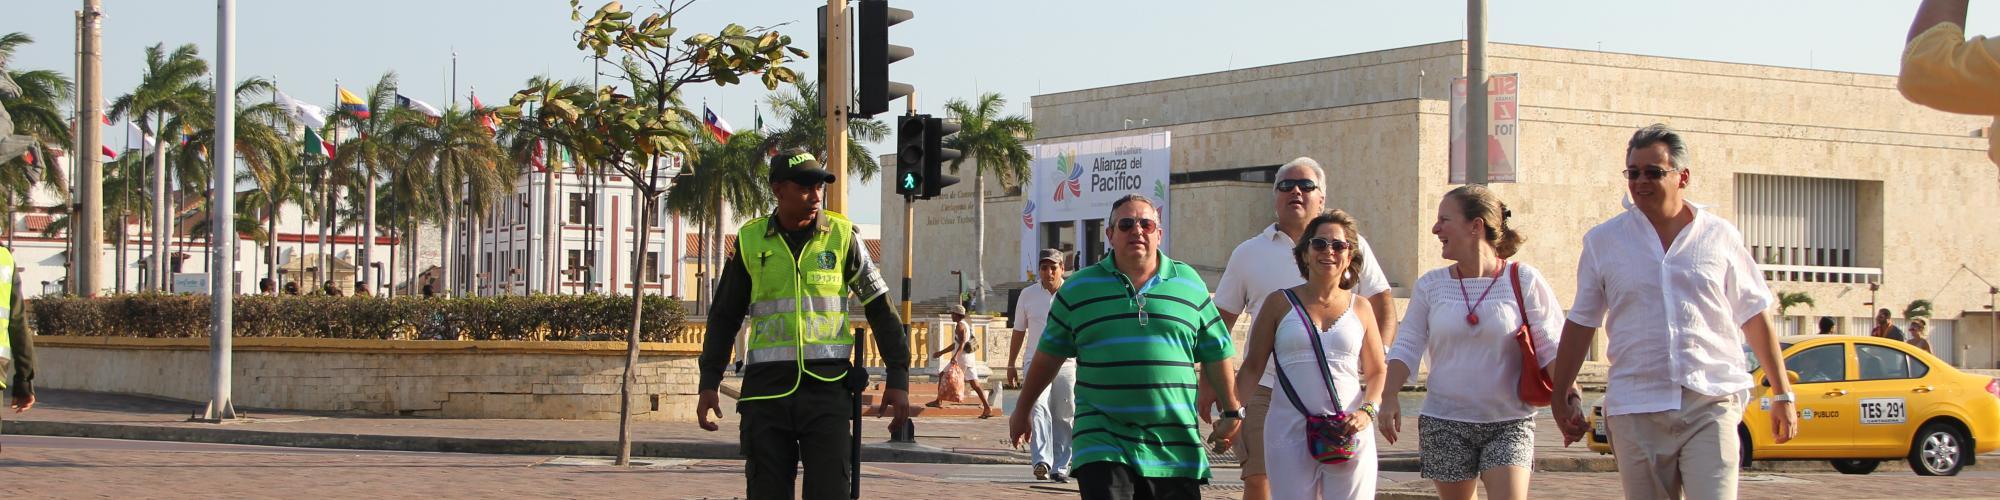 Turismo de la Policía Nacional